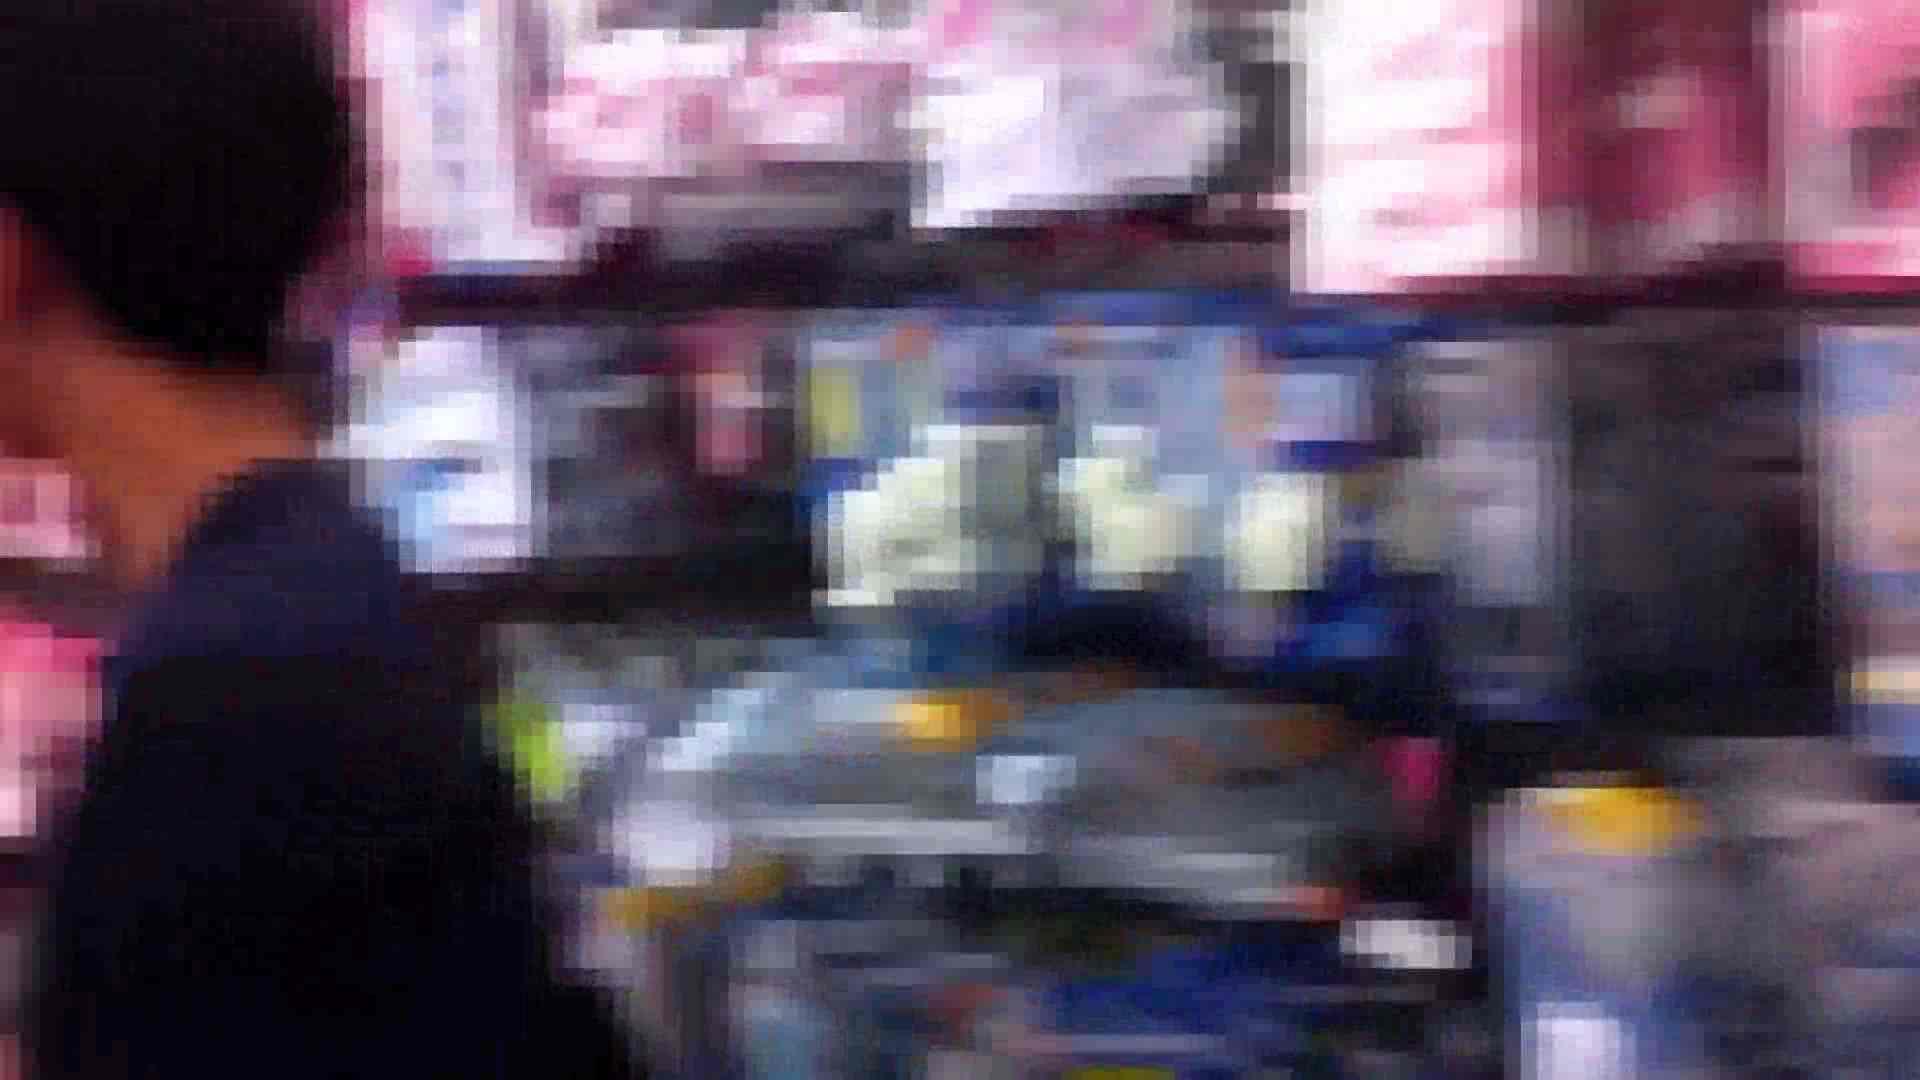 ガールズパンチラストリートビューVol.044 OLの実態 盗撮オマンコ無修正動画無料 66pic 18